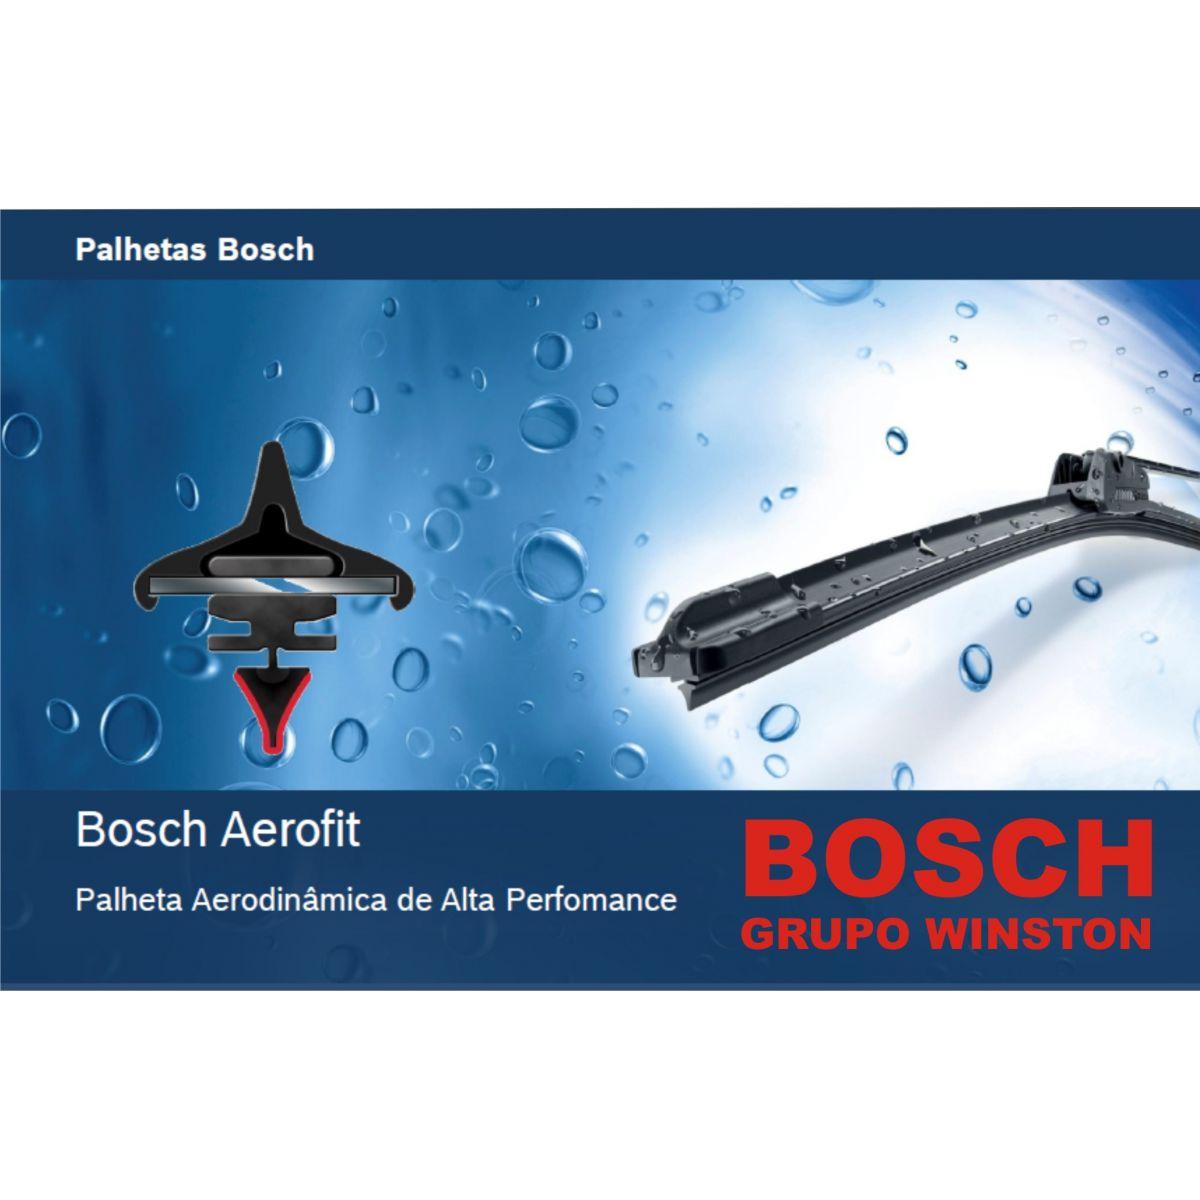 Palheta Bosch Aerofit Limpador de para brisa Bosch Hyundai Coupé